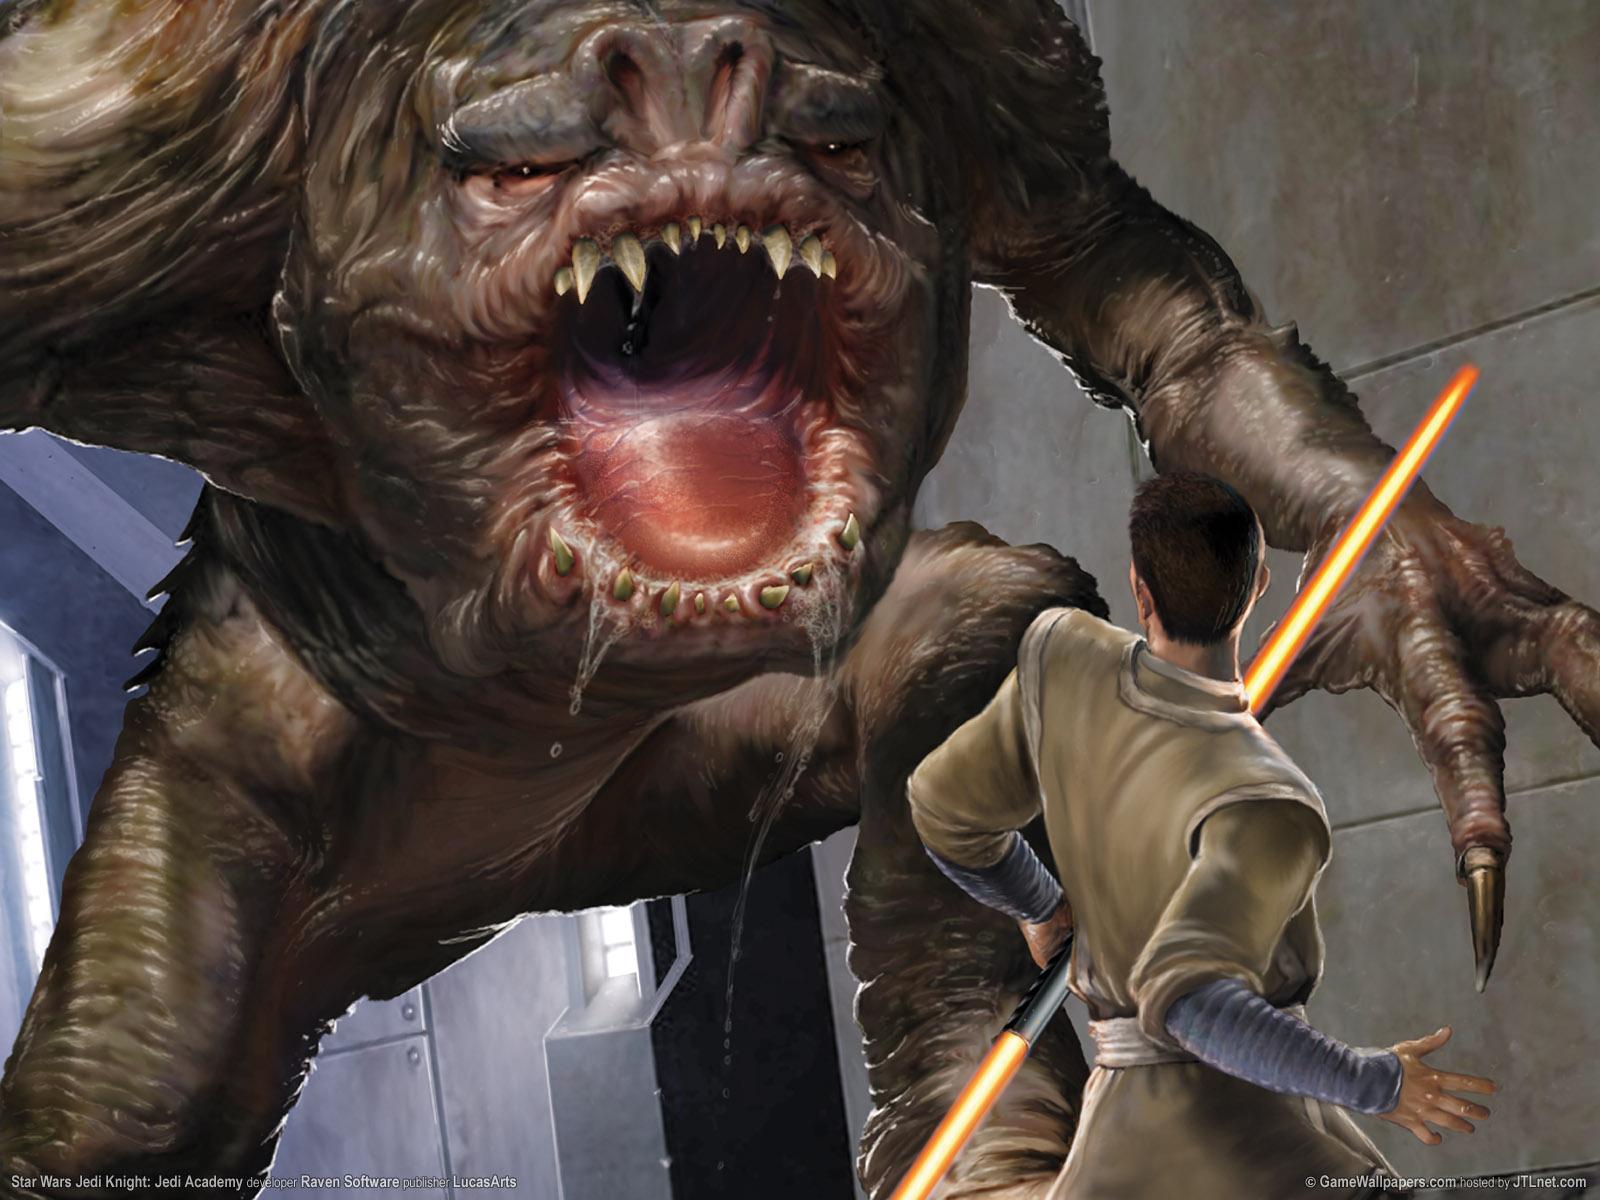 Star Wars Jedi Knight Jedi Academy 01 1600